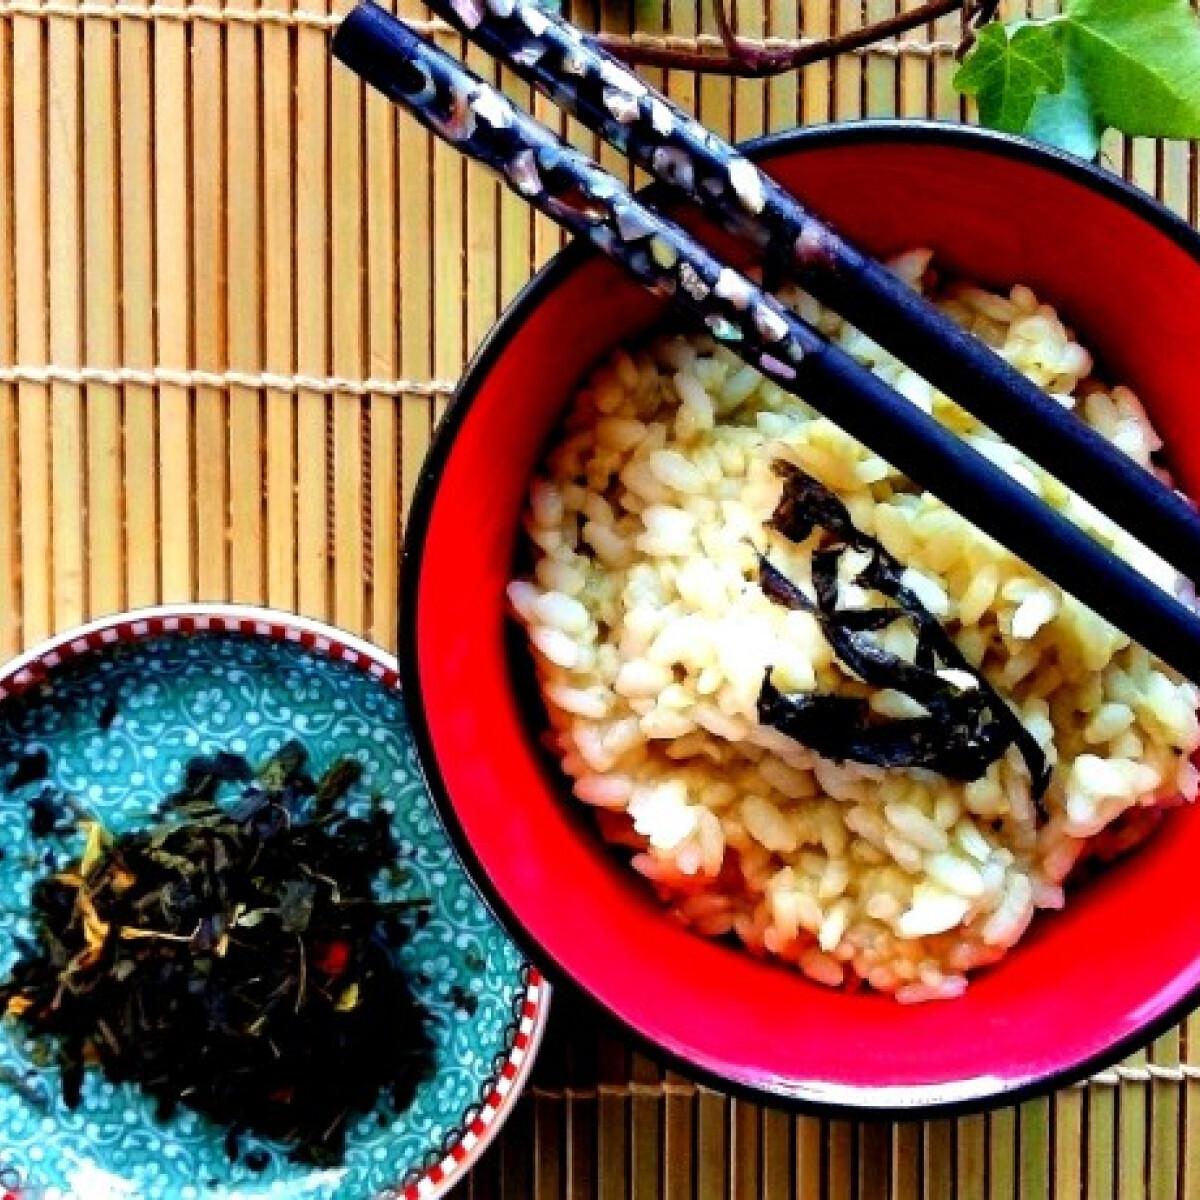 Chagayu - rizs zöldteában főzve reggelire